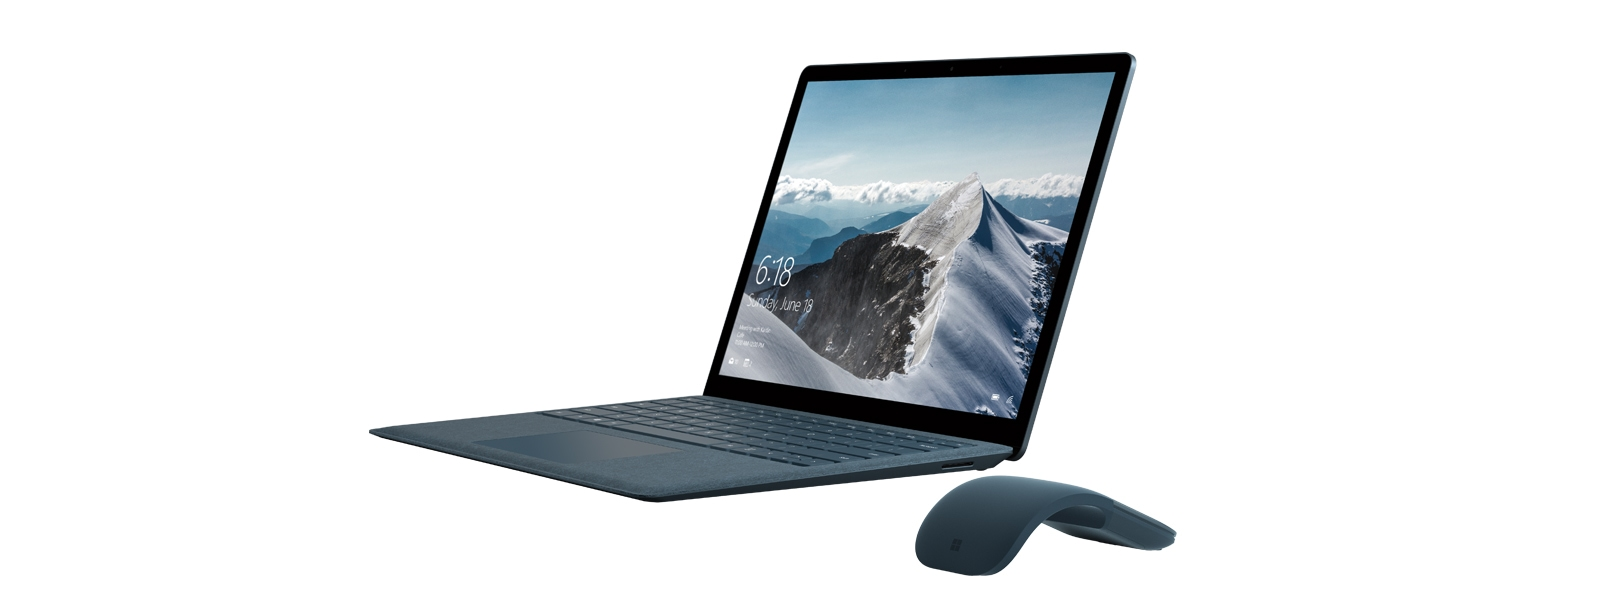 Koboltblå Surface Laptop med snødekte fjell i bakgrunnen på skjermen og en koboltblå Arc Touch Mouse ved siden av, sett litt fra siden.